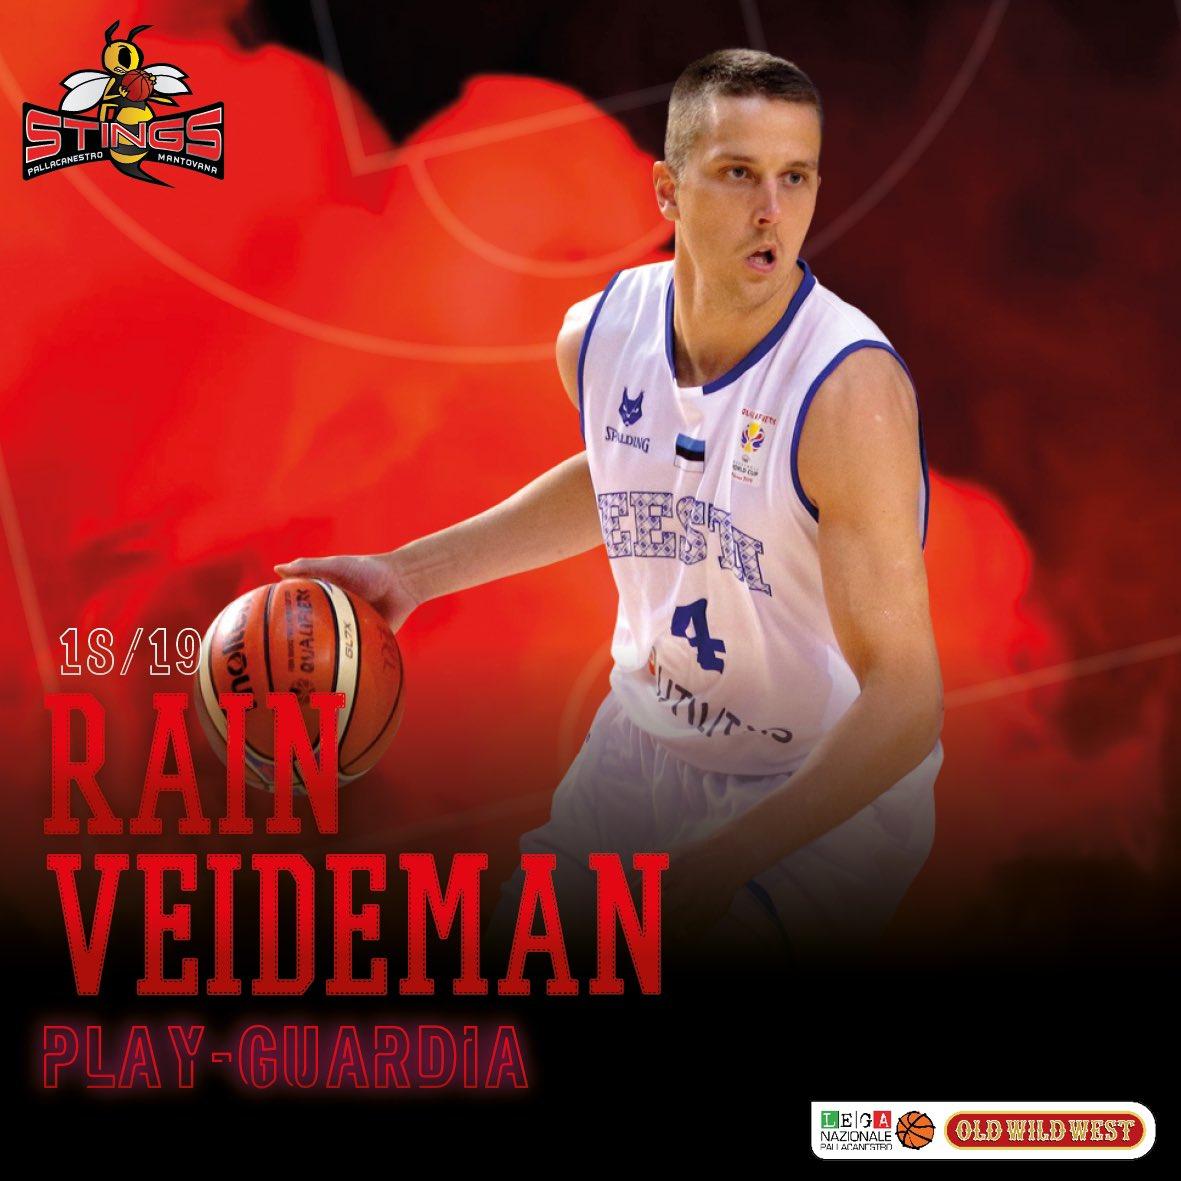 A2 Est-Ovest Old Wild West Mercato 2018-19: movimenti tra i due gironi, Mantova cede Valerio Cucci a Latina ma prende Rain Veideman